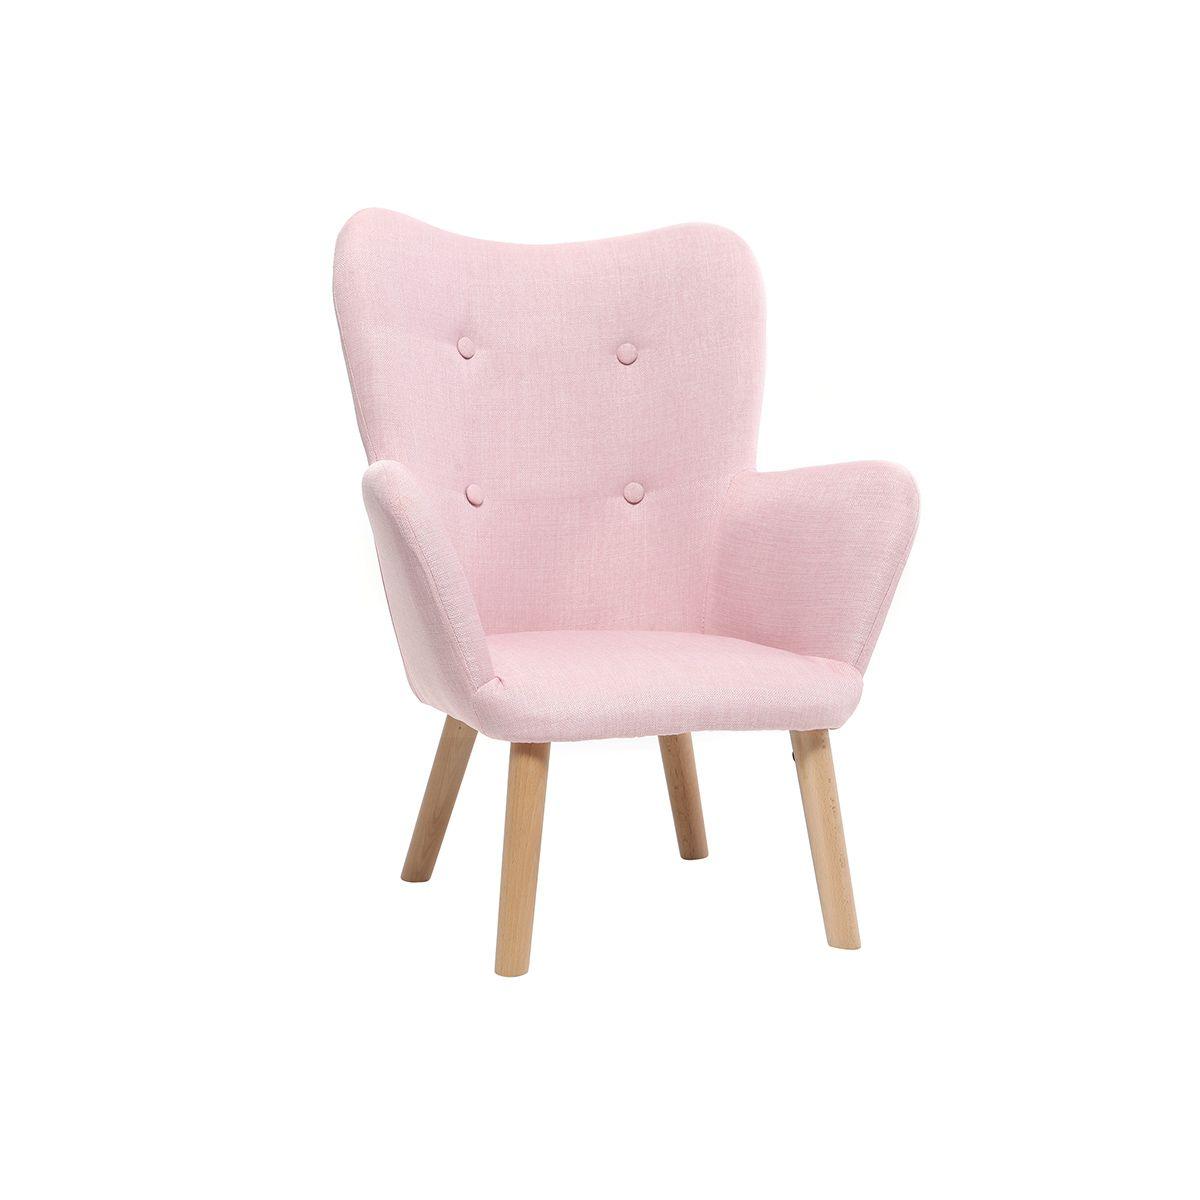 Poltrona bambino design rosa BABY BRISTOL Offerte e sconti